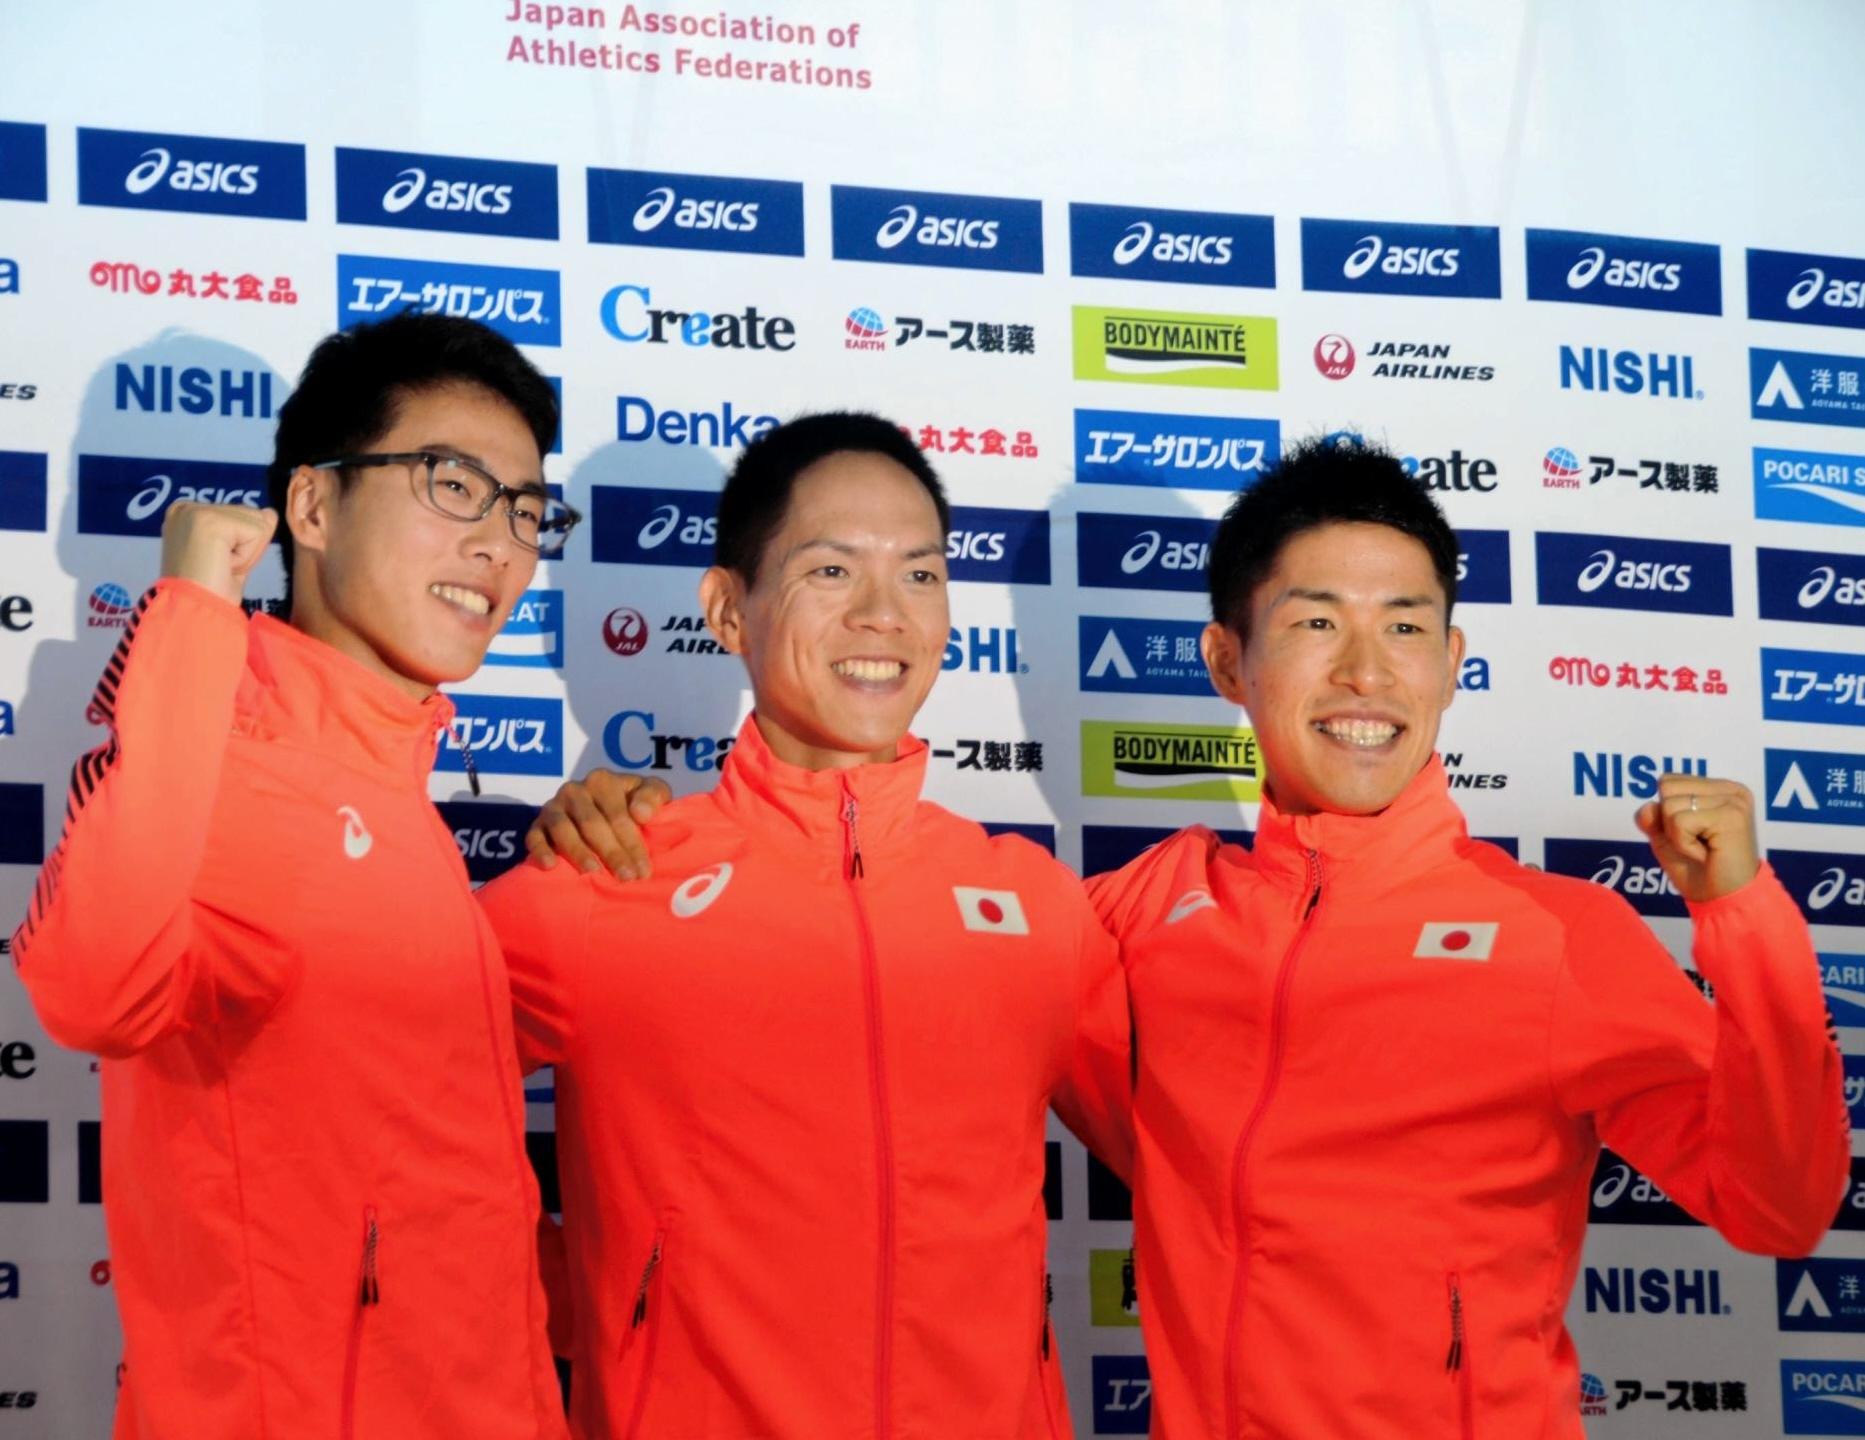 日本男子50㎞競歩代表